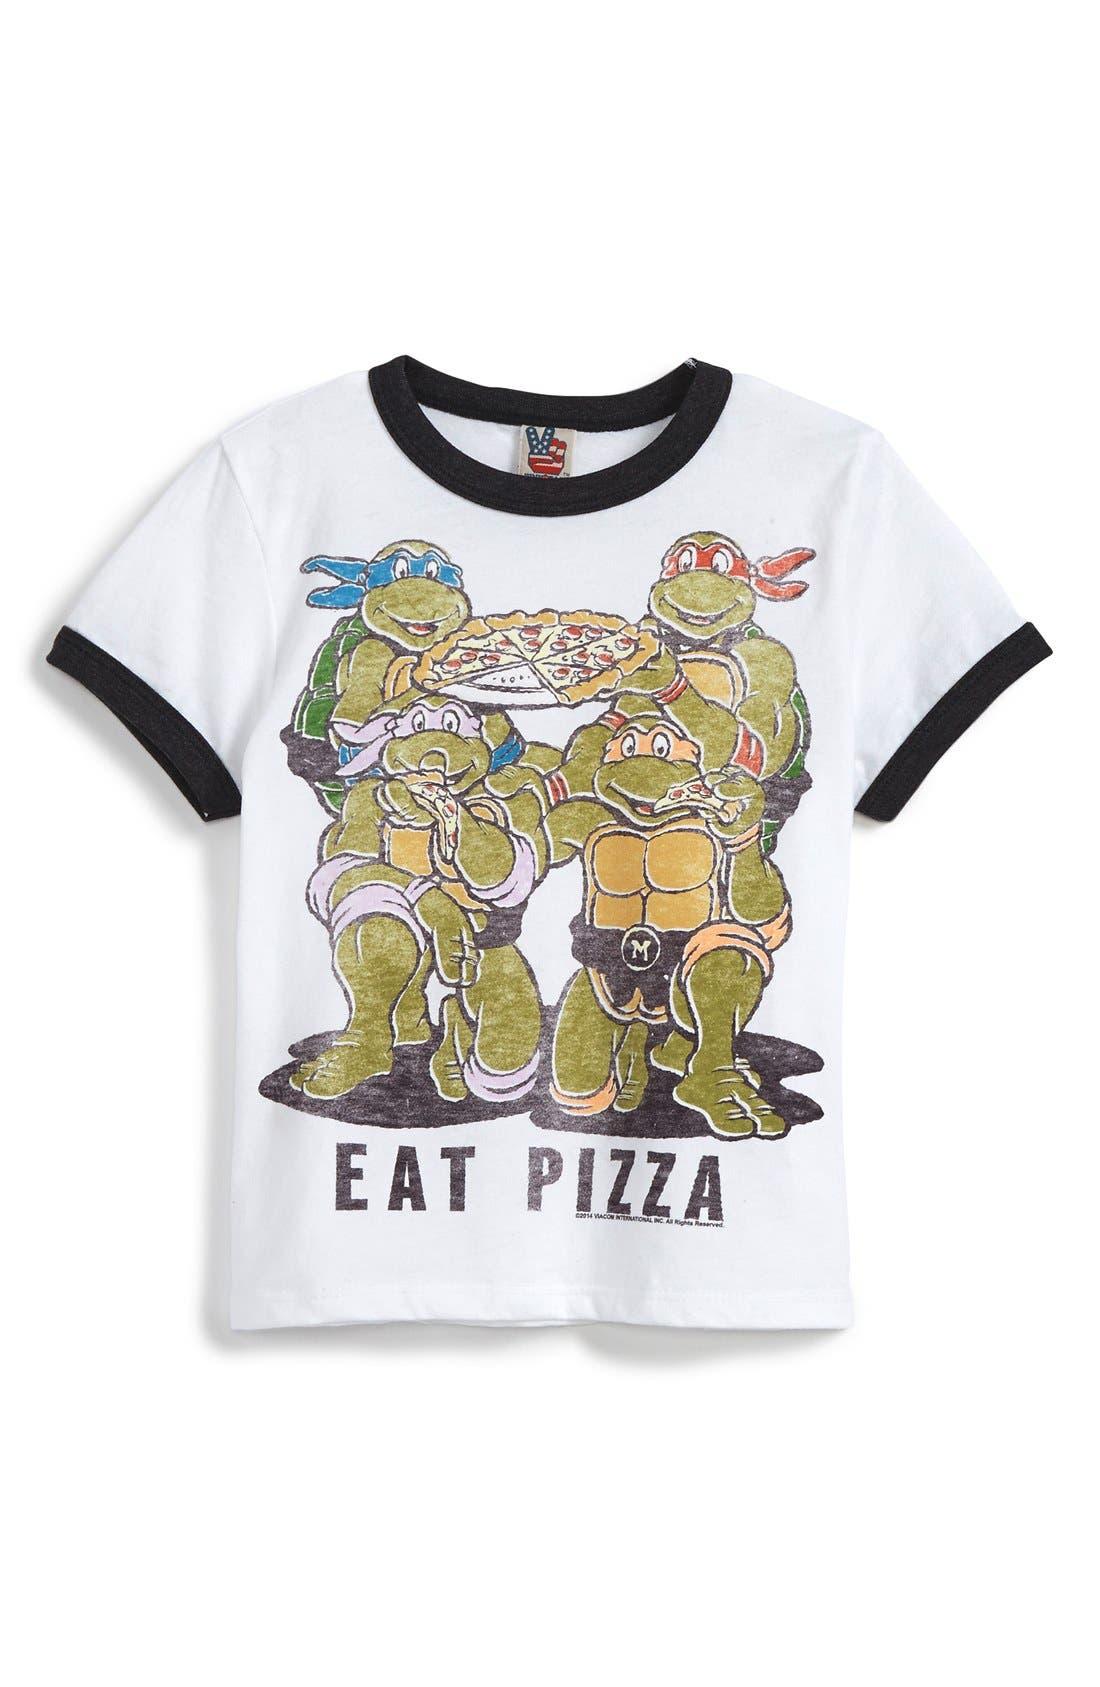 Alternate Image 1 Selected - Junk Food 'Teenage Mutant Ninja Turtles™ - Eat Pizza' Graphic T-Shirt (Little Boys & Big Boys)